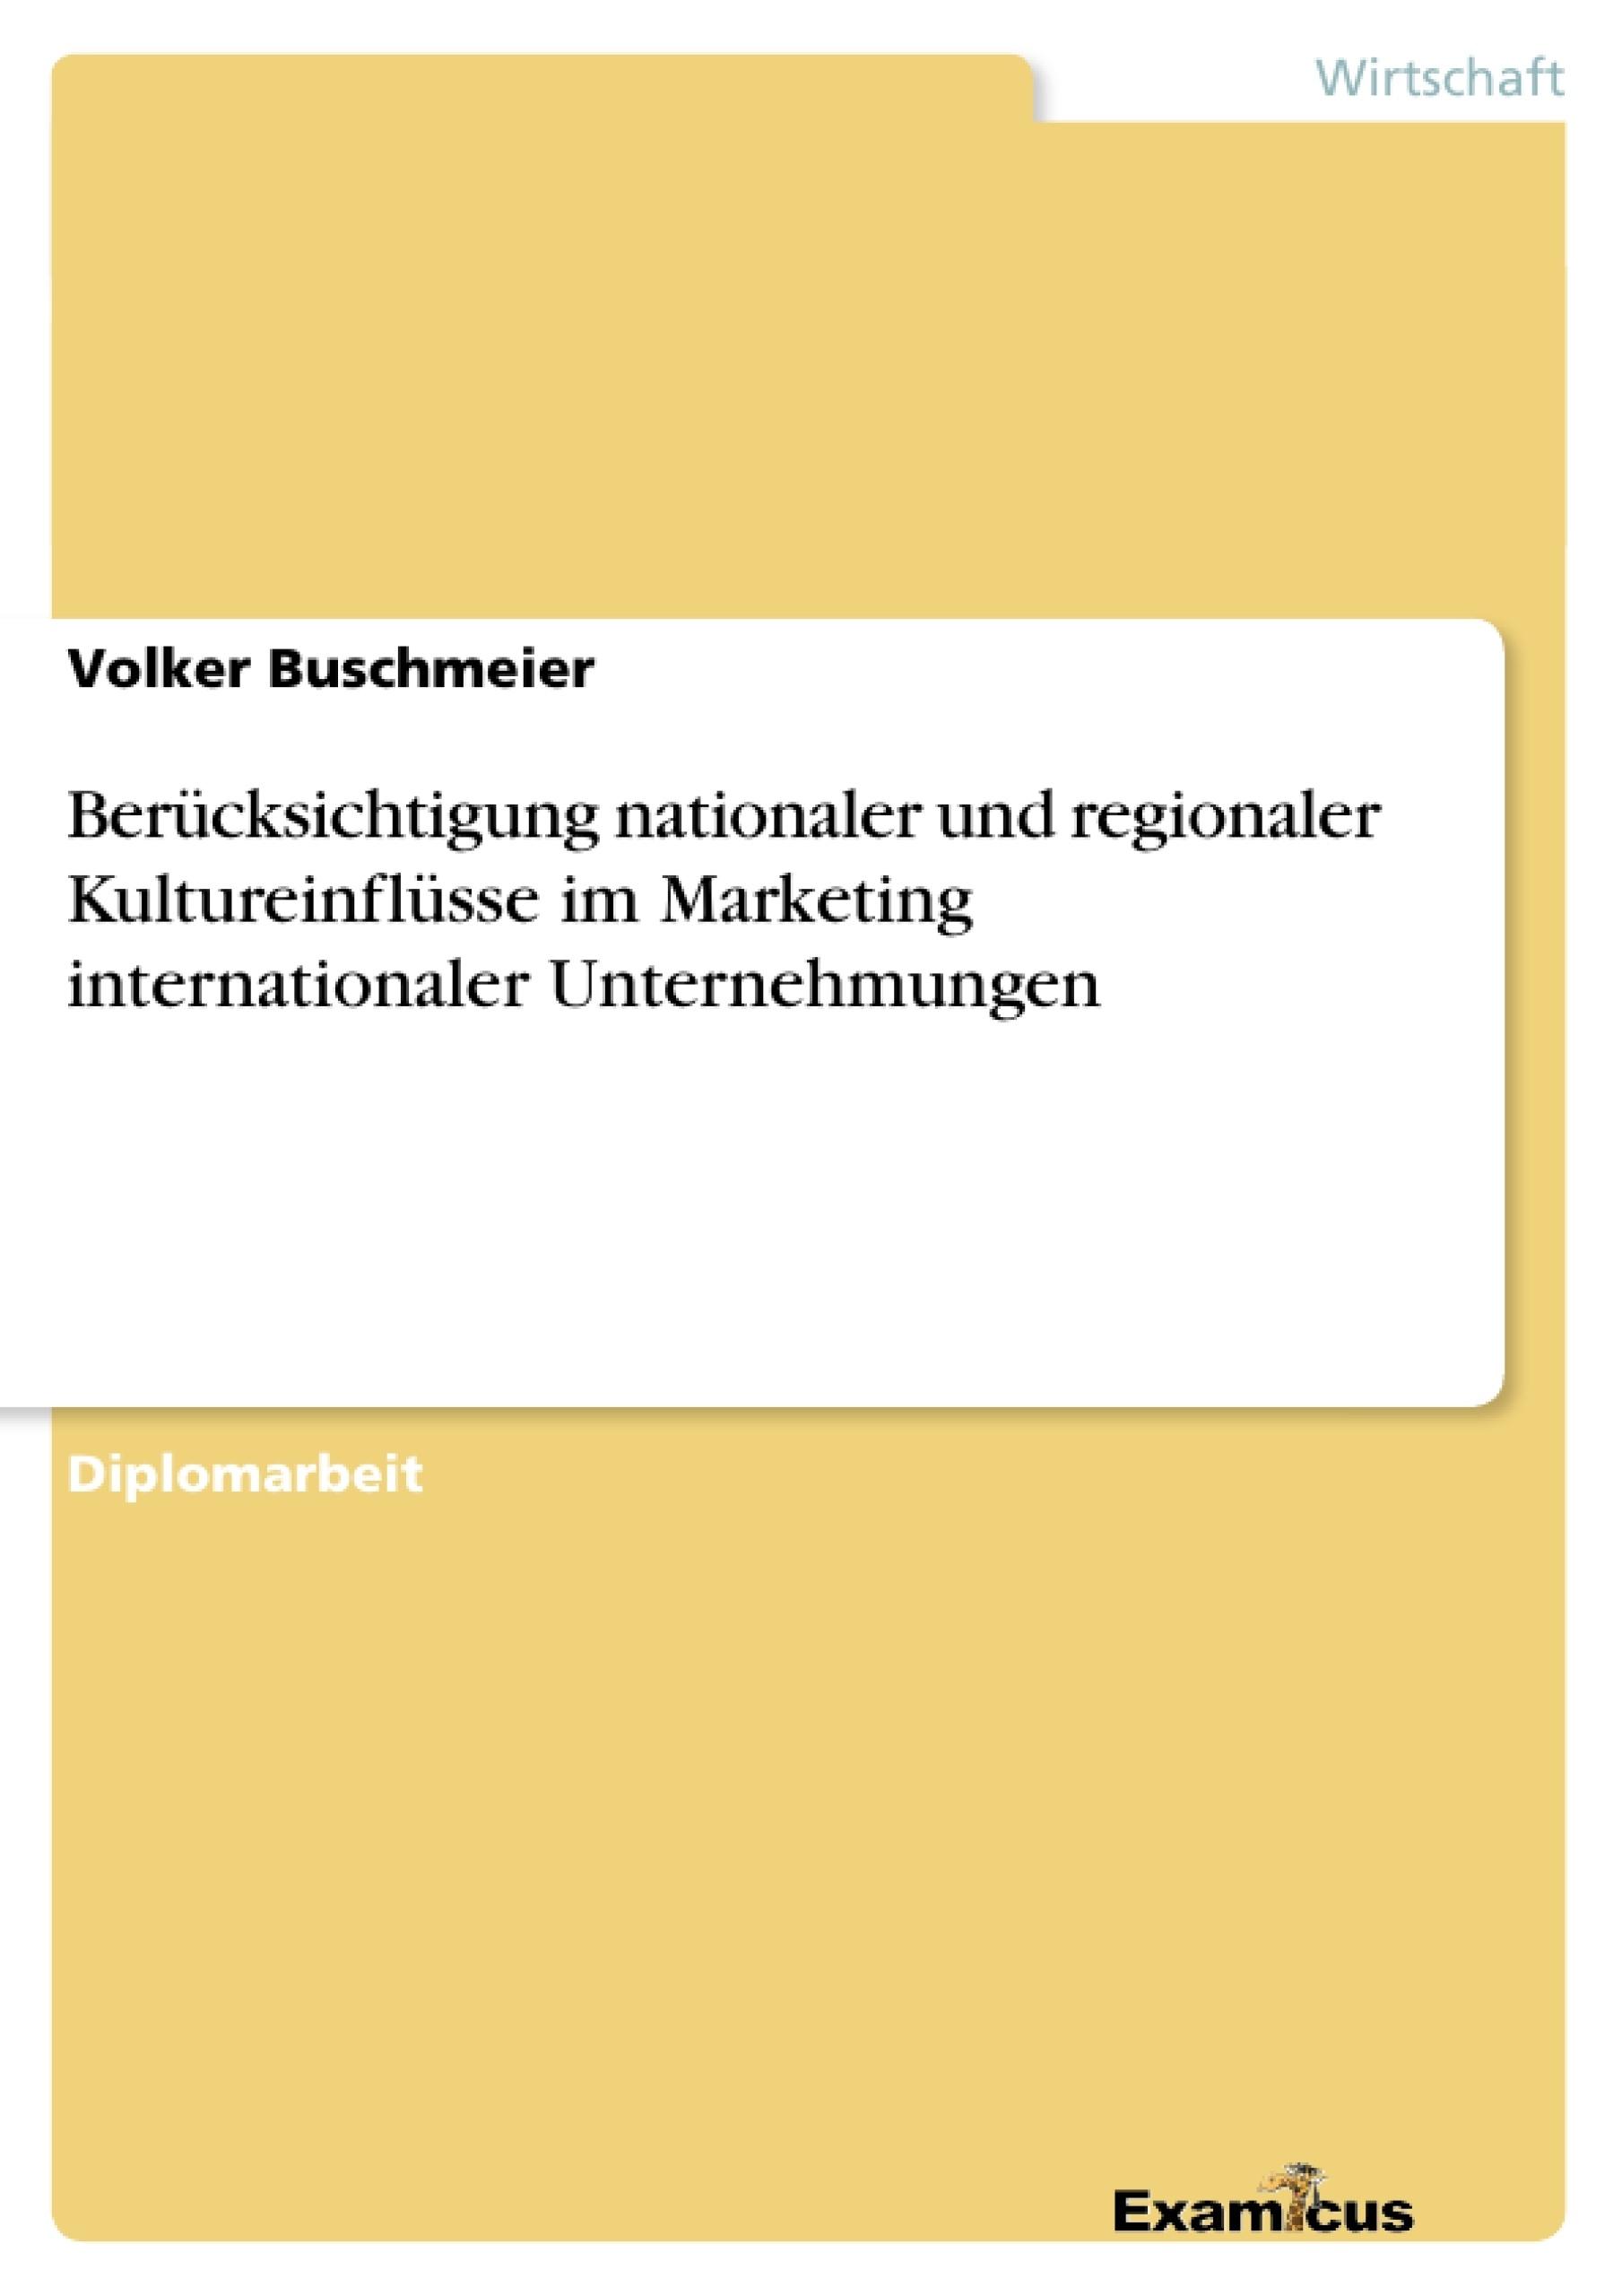 Titel: Berücksichtigung nationaler und regionaler Kultureinflüsse im Marketing internationaler Unternehmungen